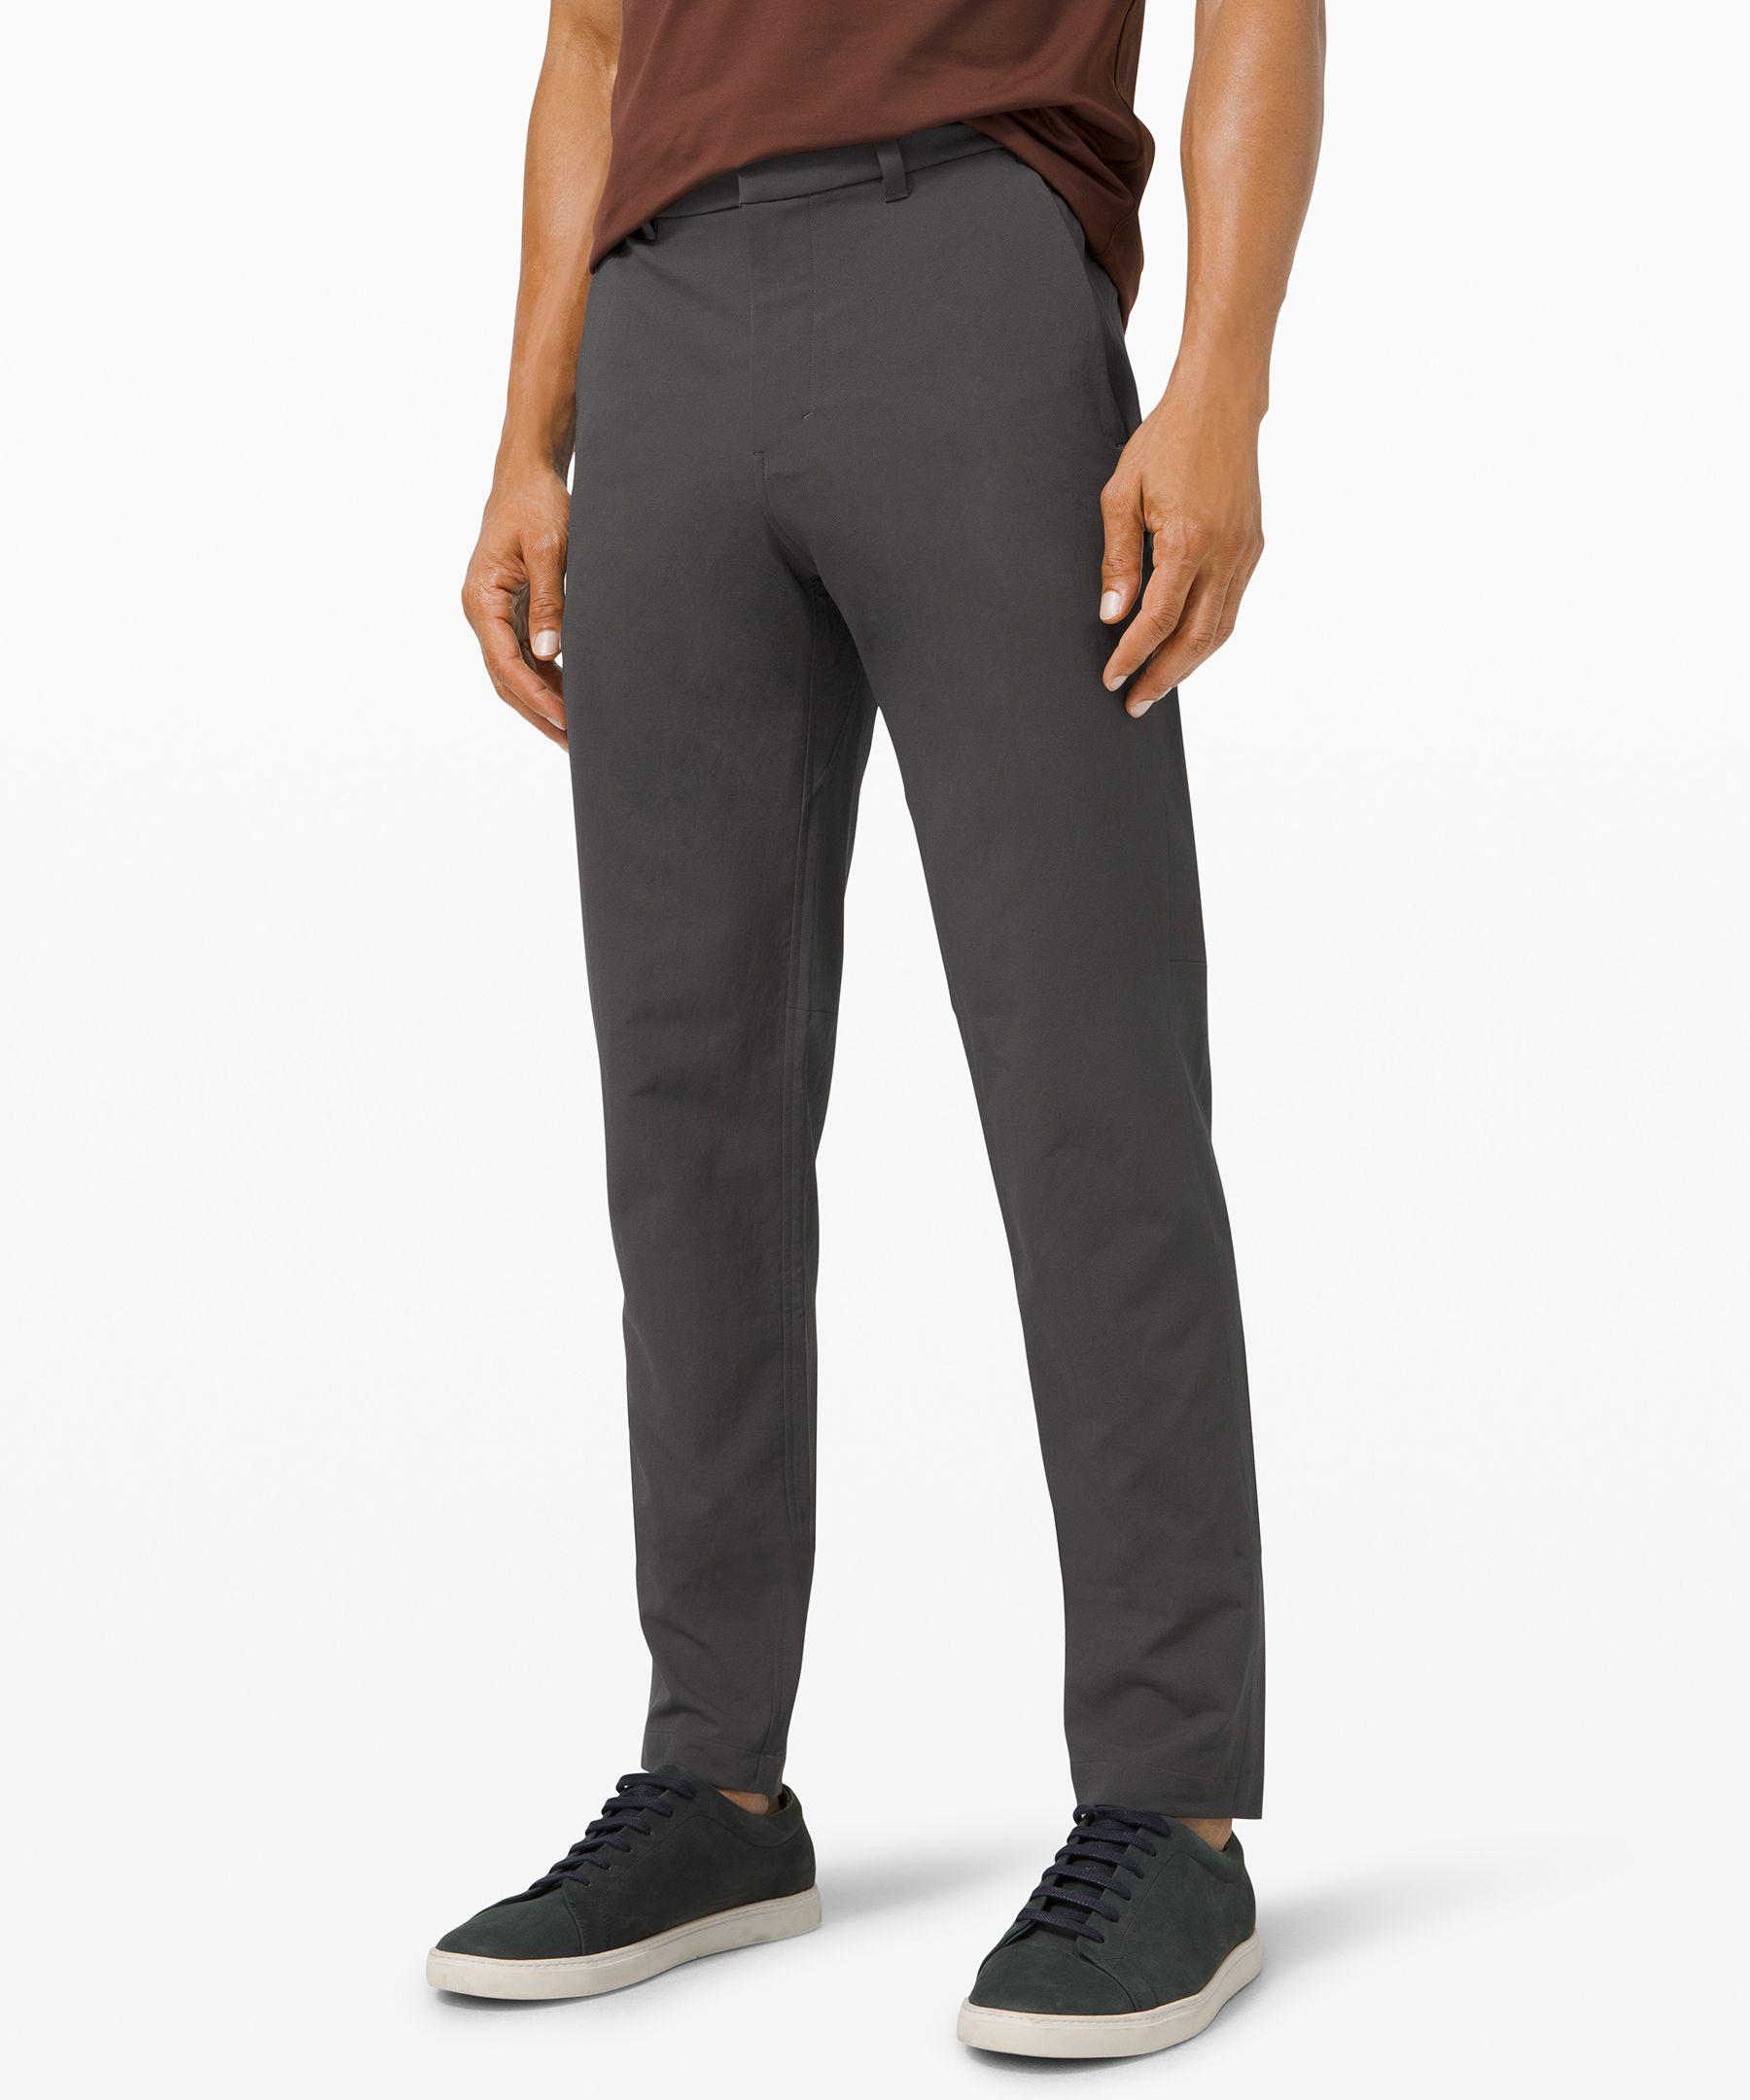 New Venture Pant Slim 33